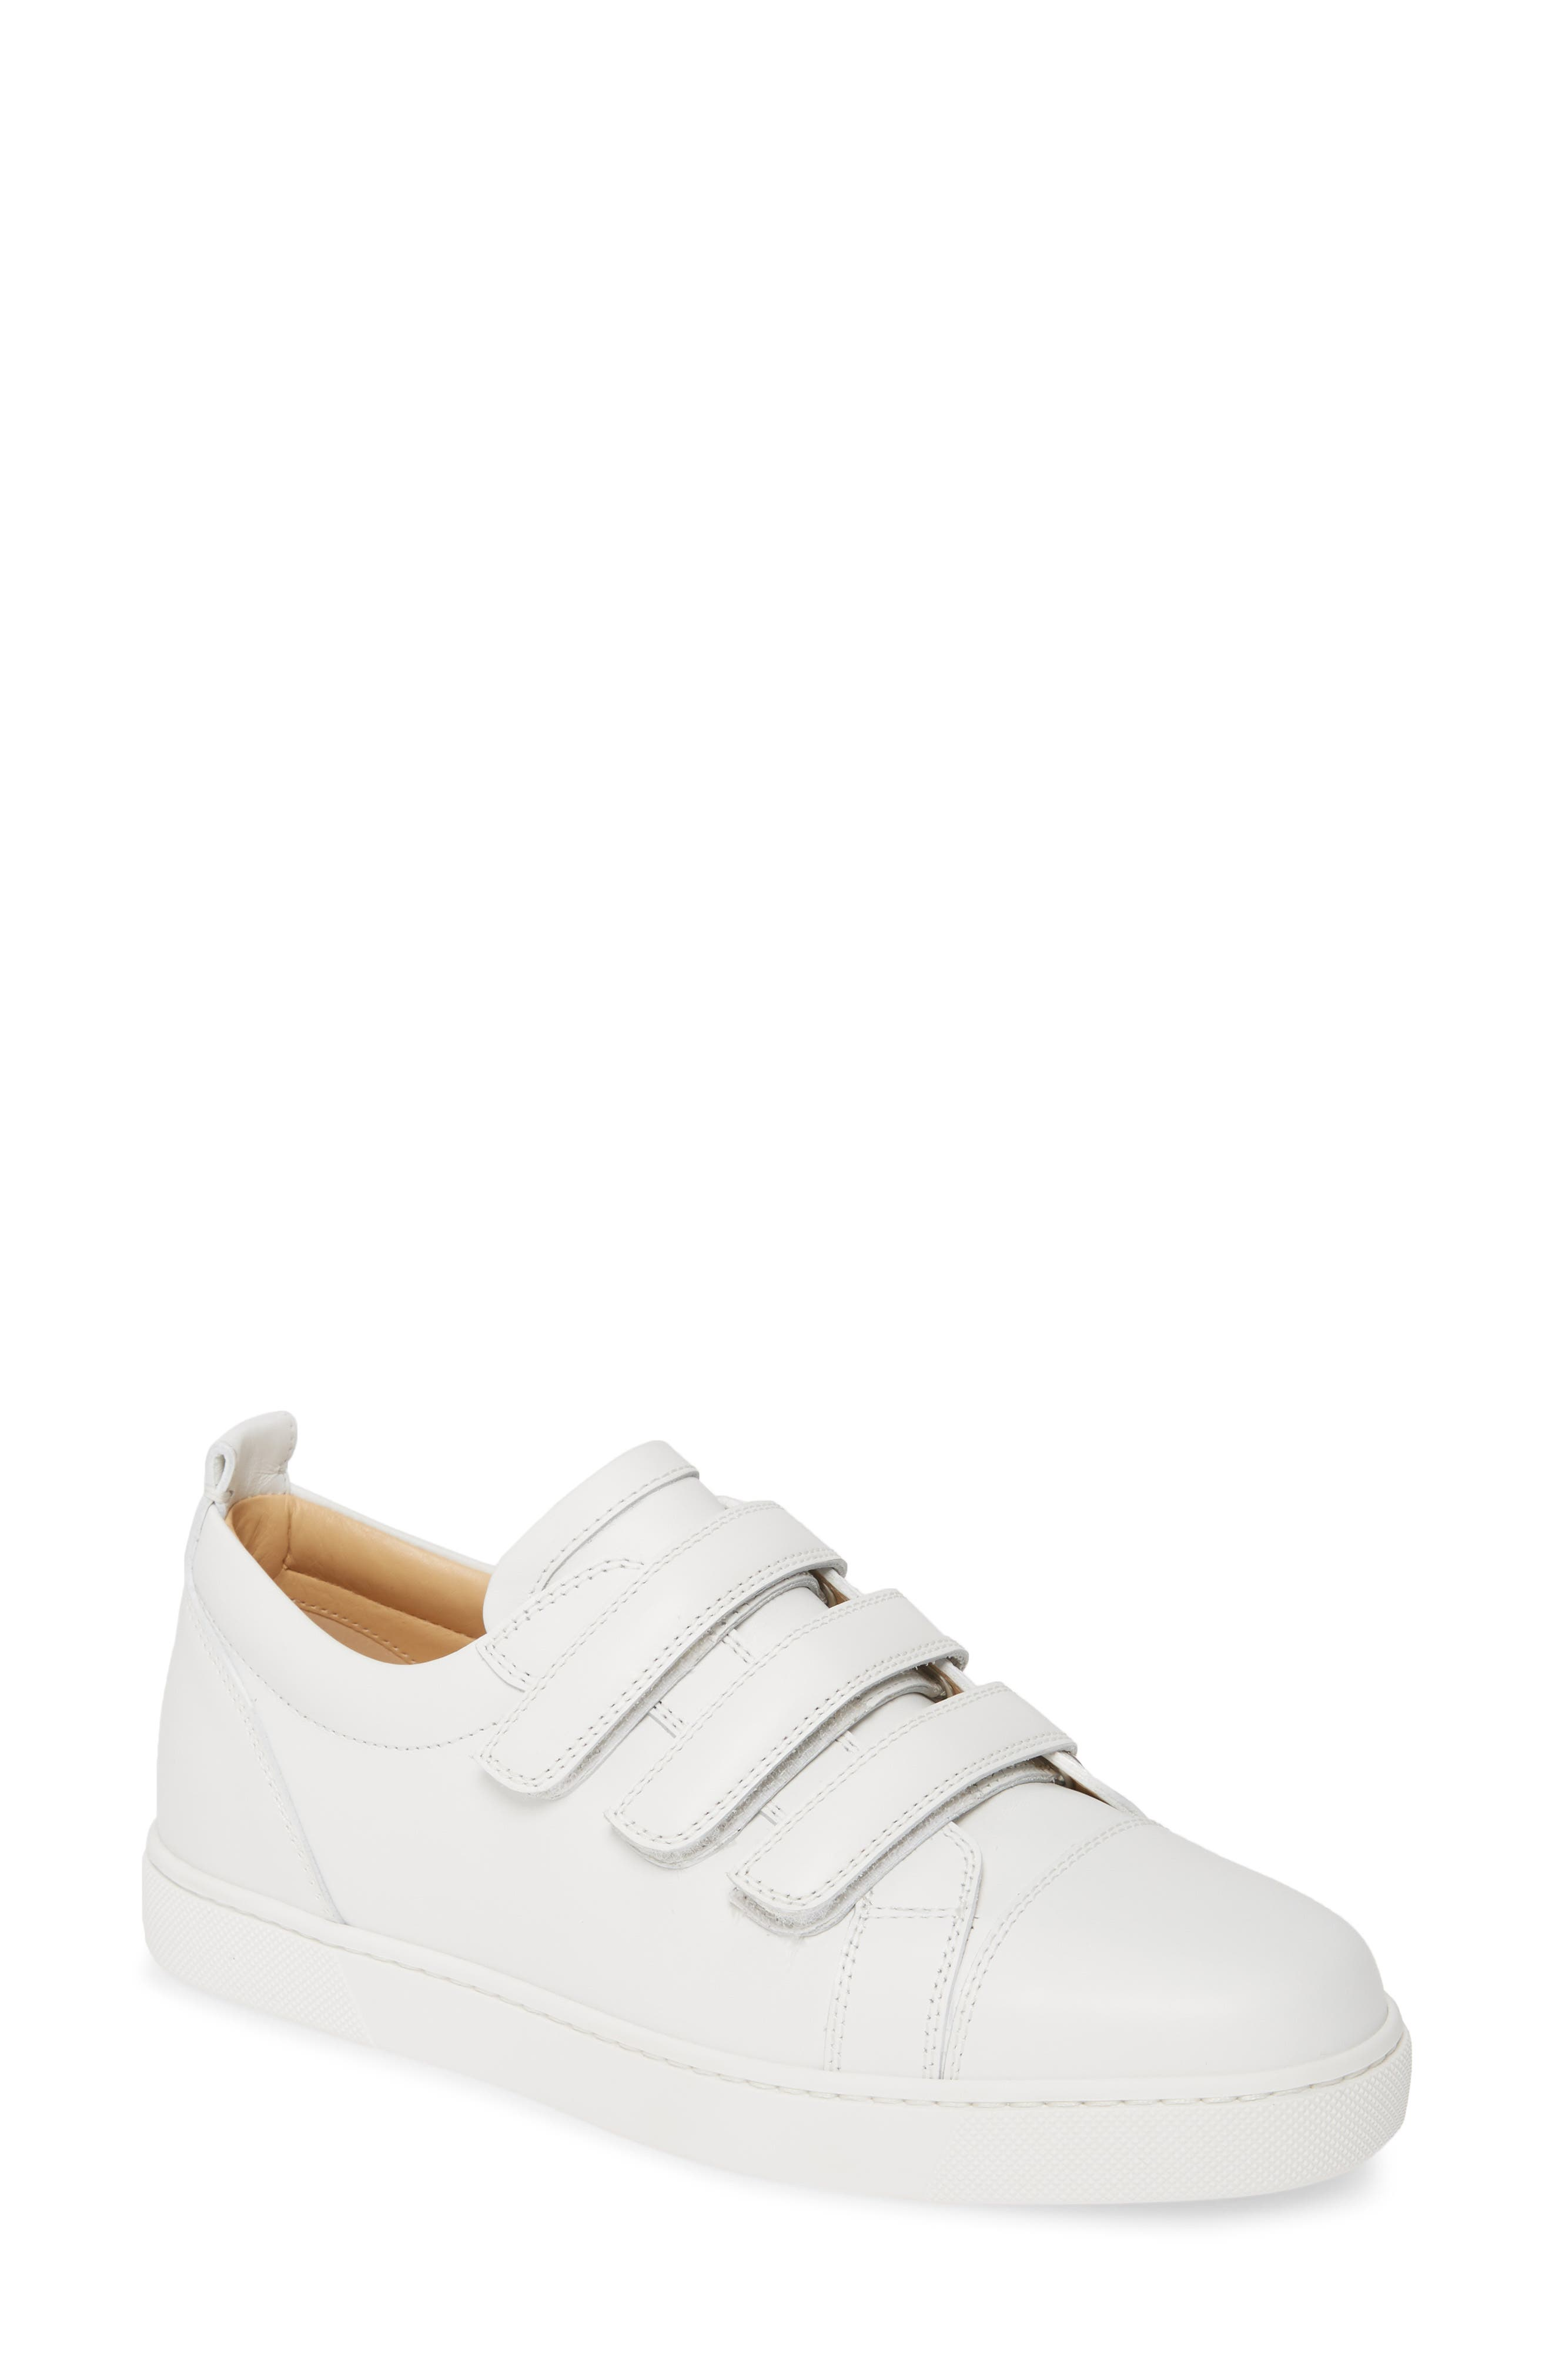 Christian Louboutin Kiddo Donna Three Strap Leather Sneakers, White